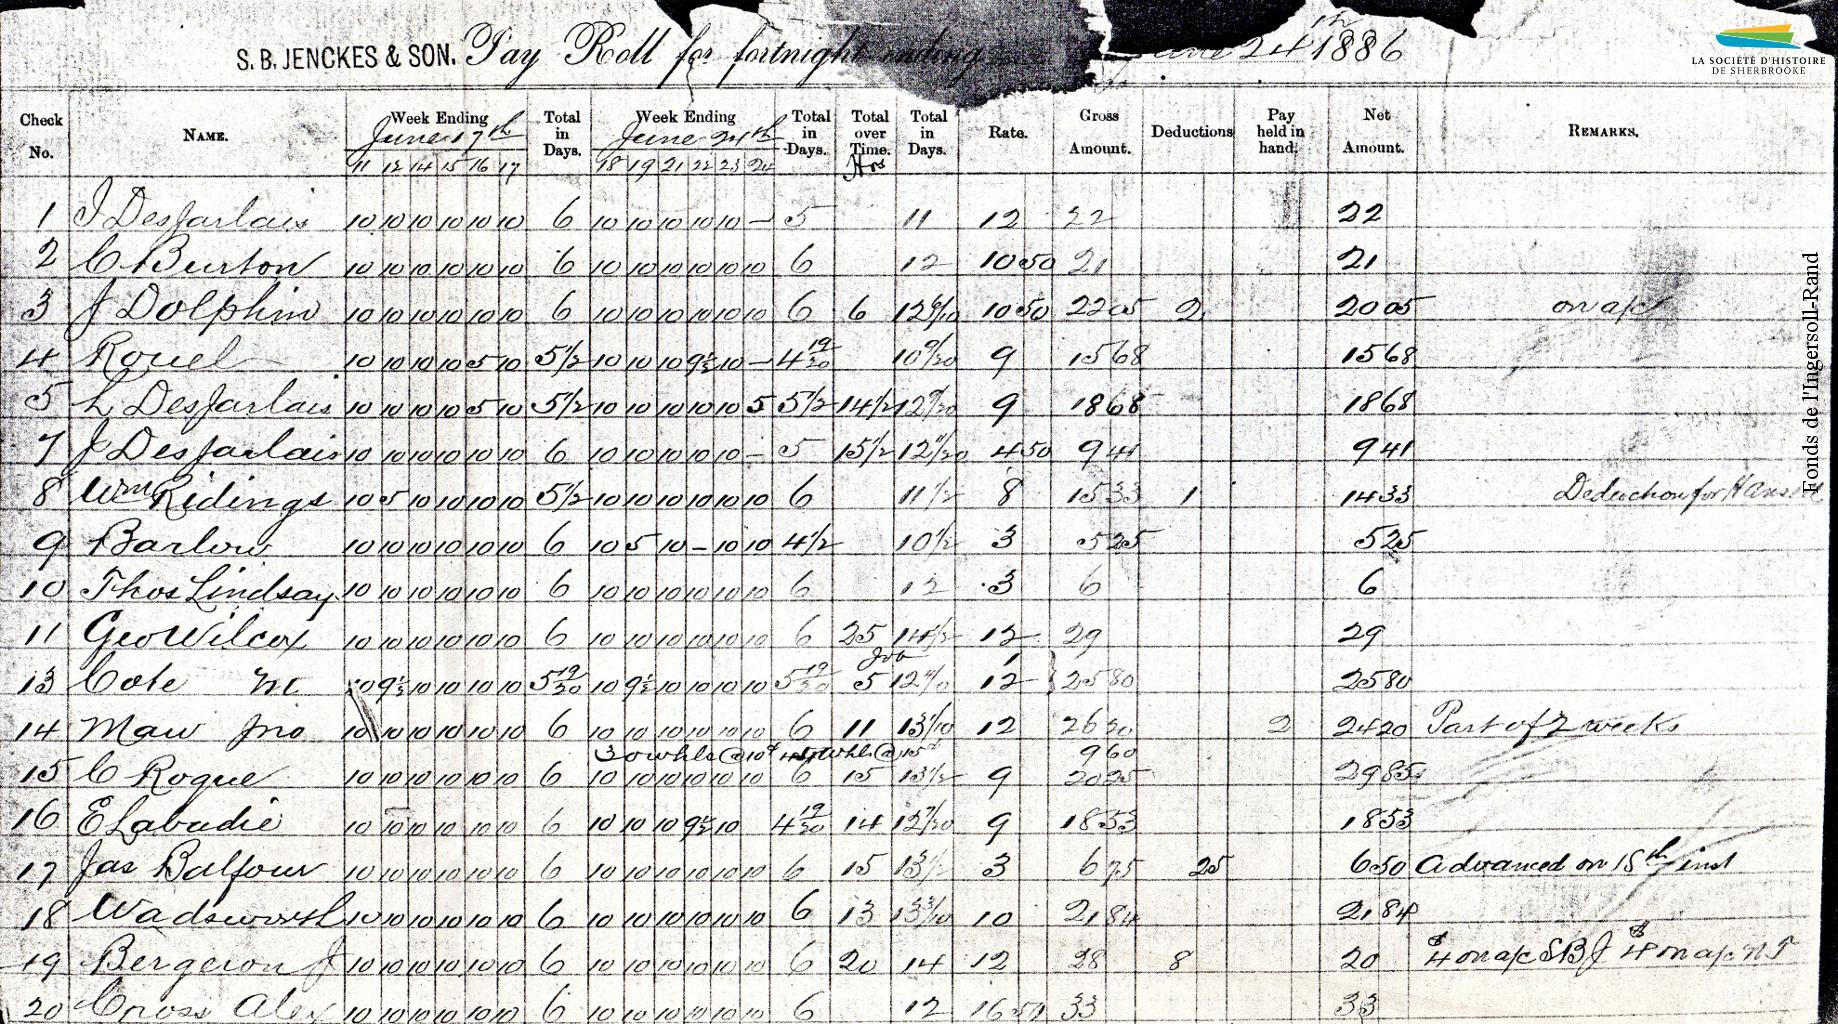 Une copie de la liste de paie de la Jenckes Machine Co. en 1886. On y voit le nombre d'heures travaillées par jour, le nombre de jours par semaine, le temps supplémentaire, le taux horaire et le salaire versé pour deux semaines de travail. Un ouvrier travaille 145 heures en 14 jours (72,5 heures par semaine), pour un salaire de 29 $, soit 20 cents de l'heure.